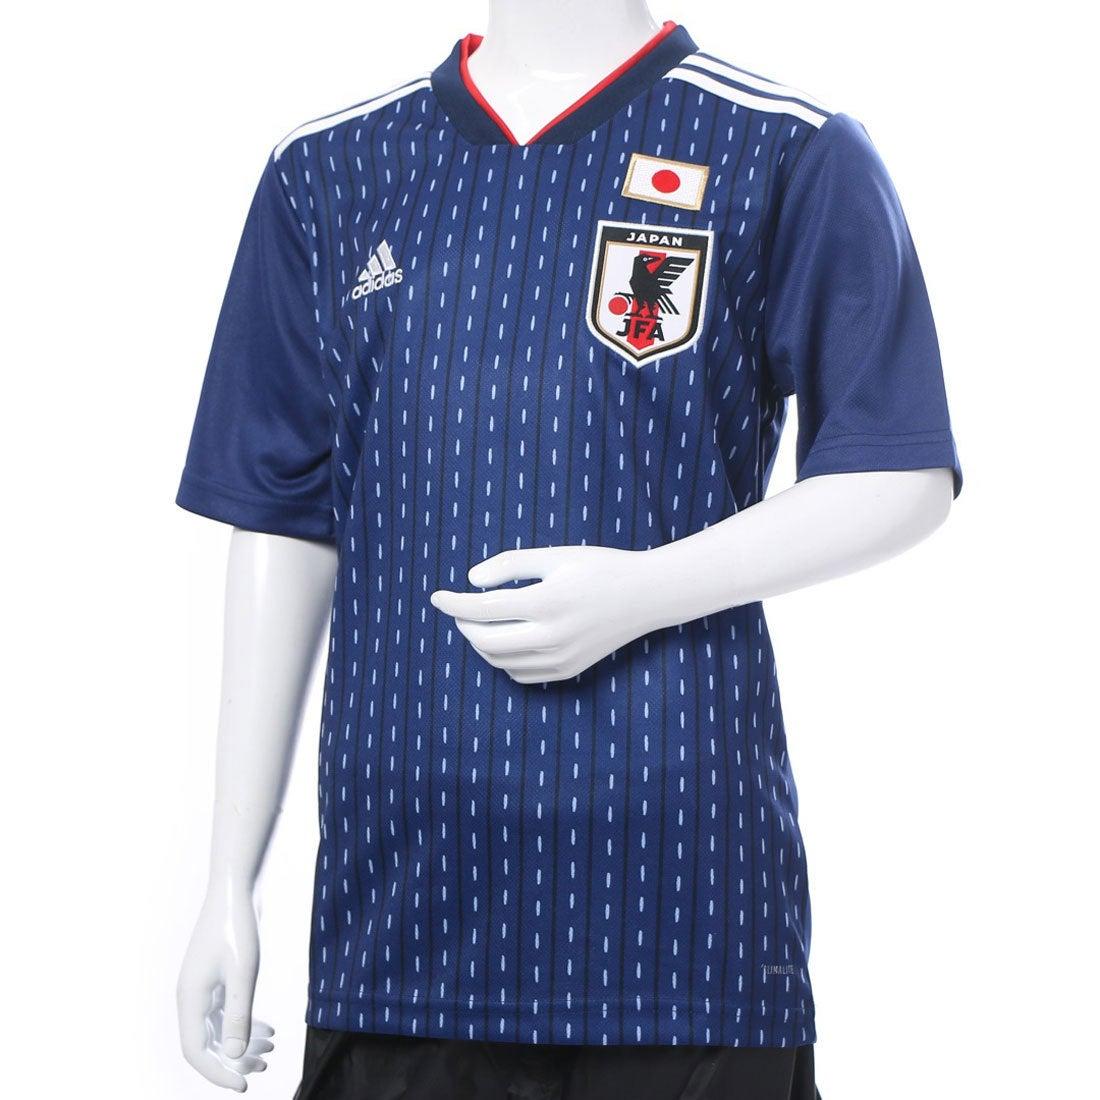 アディダス adidas サッカー/フットサル ライセンスシャツ KidsJFAホームレプリカユニフォームS/S BR3644